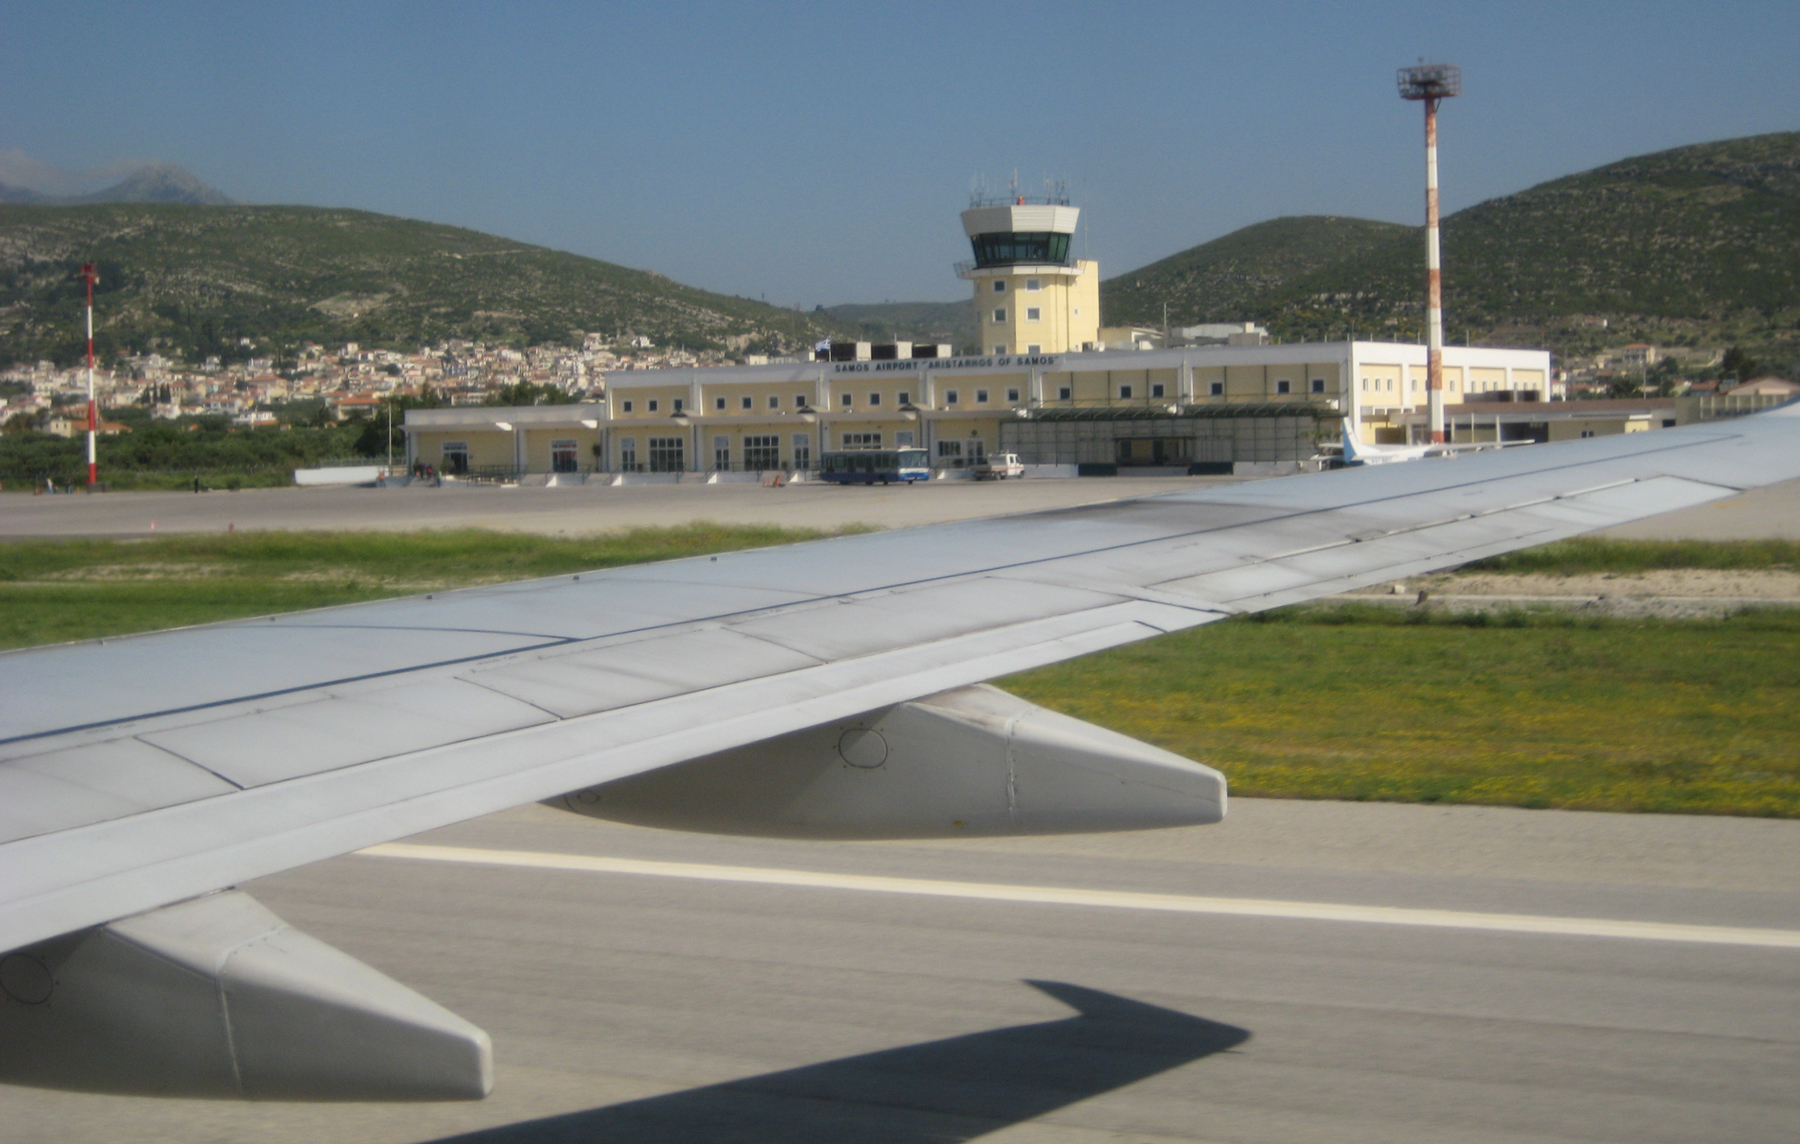 Международный аэропорт «Аристарх Самосский» на острове Самос